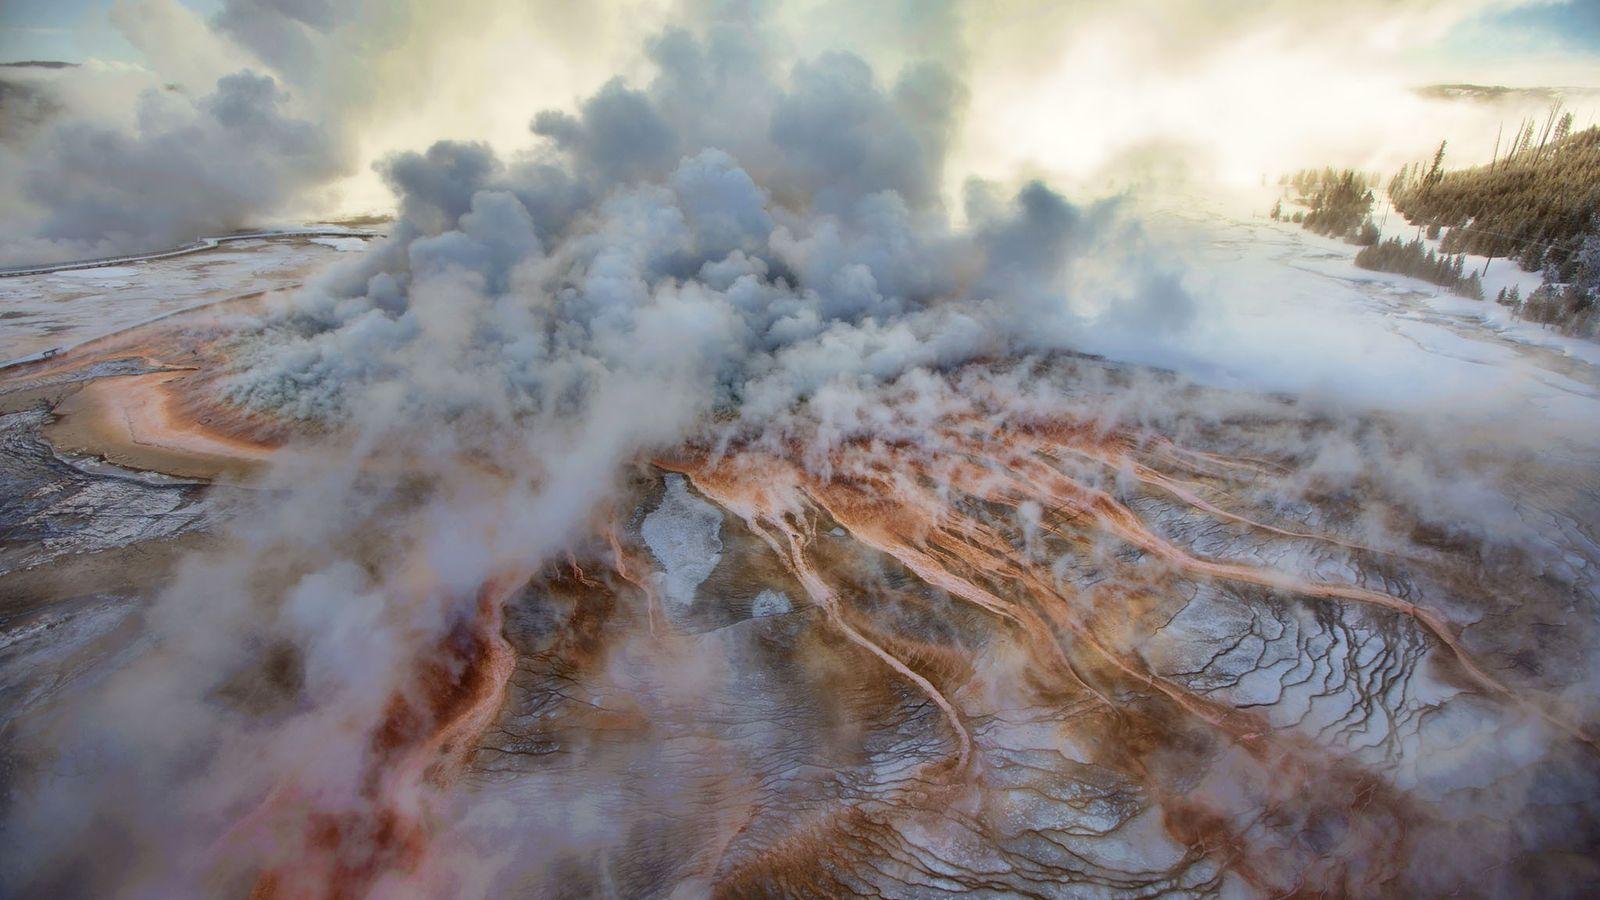 Mehr als ein Drittel des Yellowstone-Nationalparks befindet sich in der Caldera eines Supervulkans.